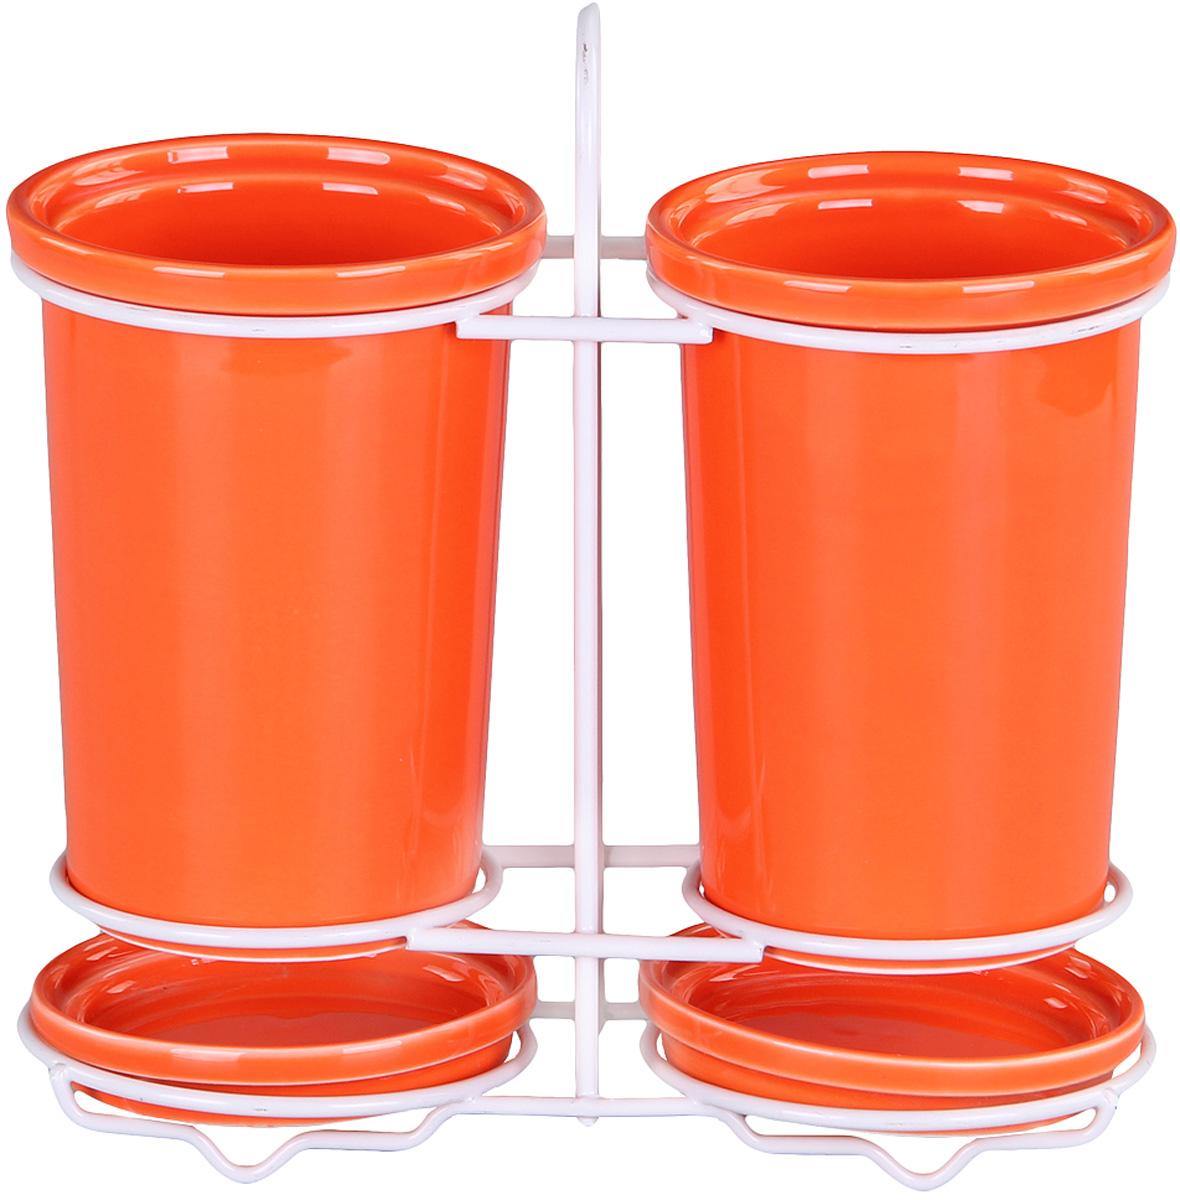 Подставка Patricia для столовых приборов. IM99-5235IM99-5235Подставка для столовых приборов и поддон выполнены из керамики, а специальный держатель из хромированной стали. Применение в производстве специальных эмалей позволяет керамике, используемой в этом изделии, соперничать по своим эстетическим свойствам с фарфором. Поддон для сбора воды легко мыть благодаря удобной конструкции держателя.